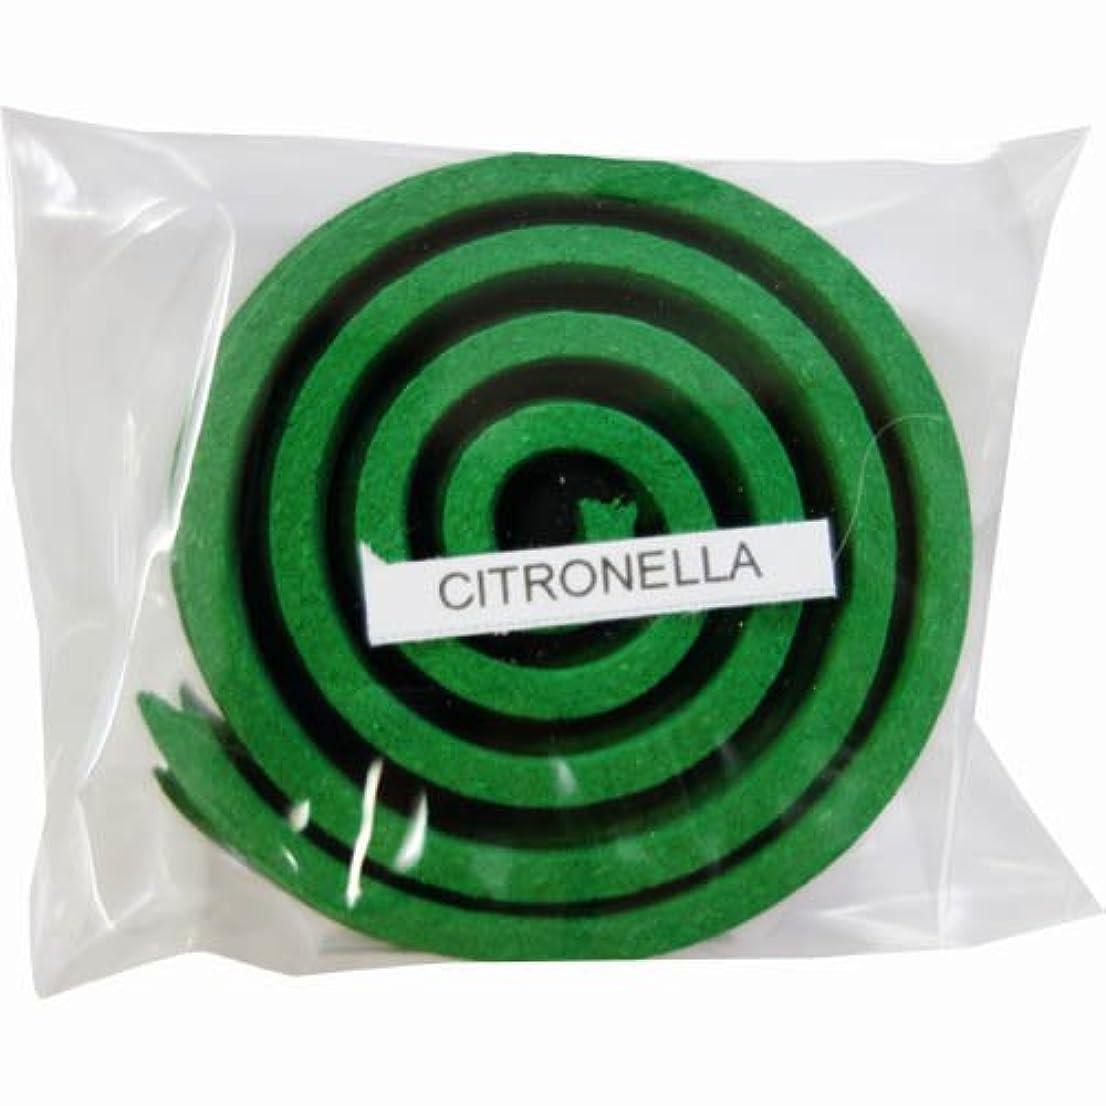 移行する手を差し伸べるについてお香/うずまき香 CITRONELLA シトロネラ 直径5cm×5巻セット [並行輸入品]